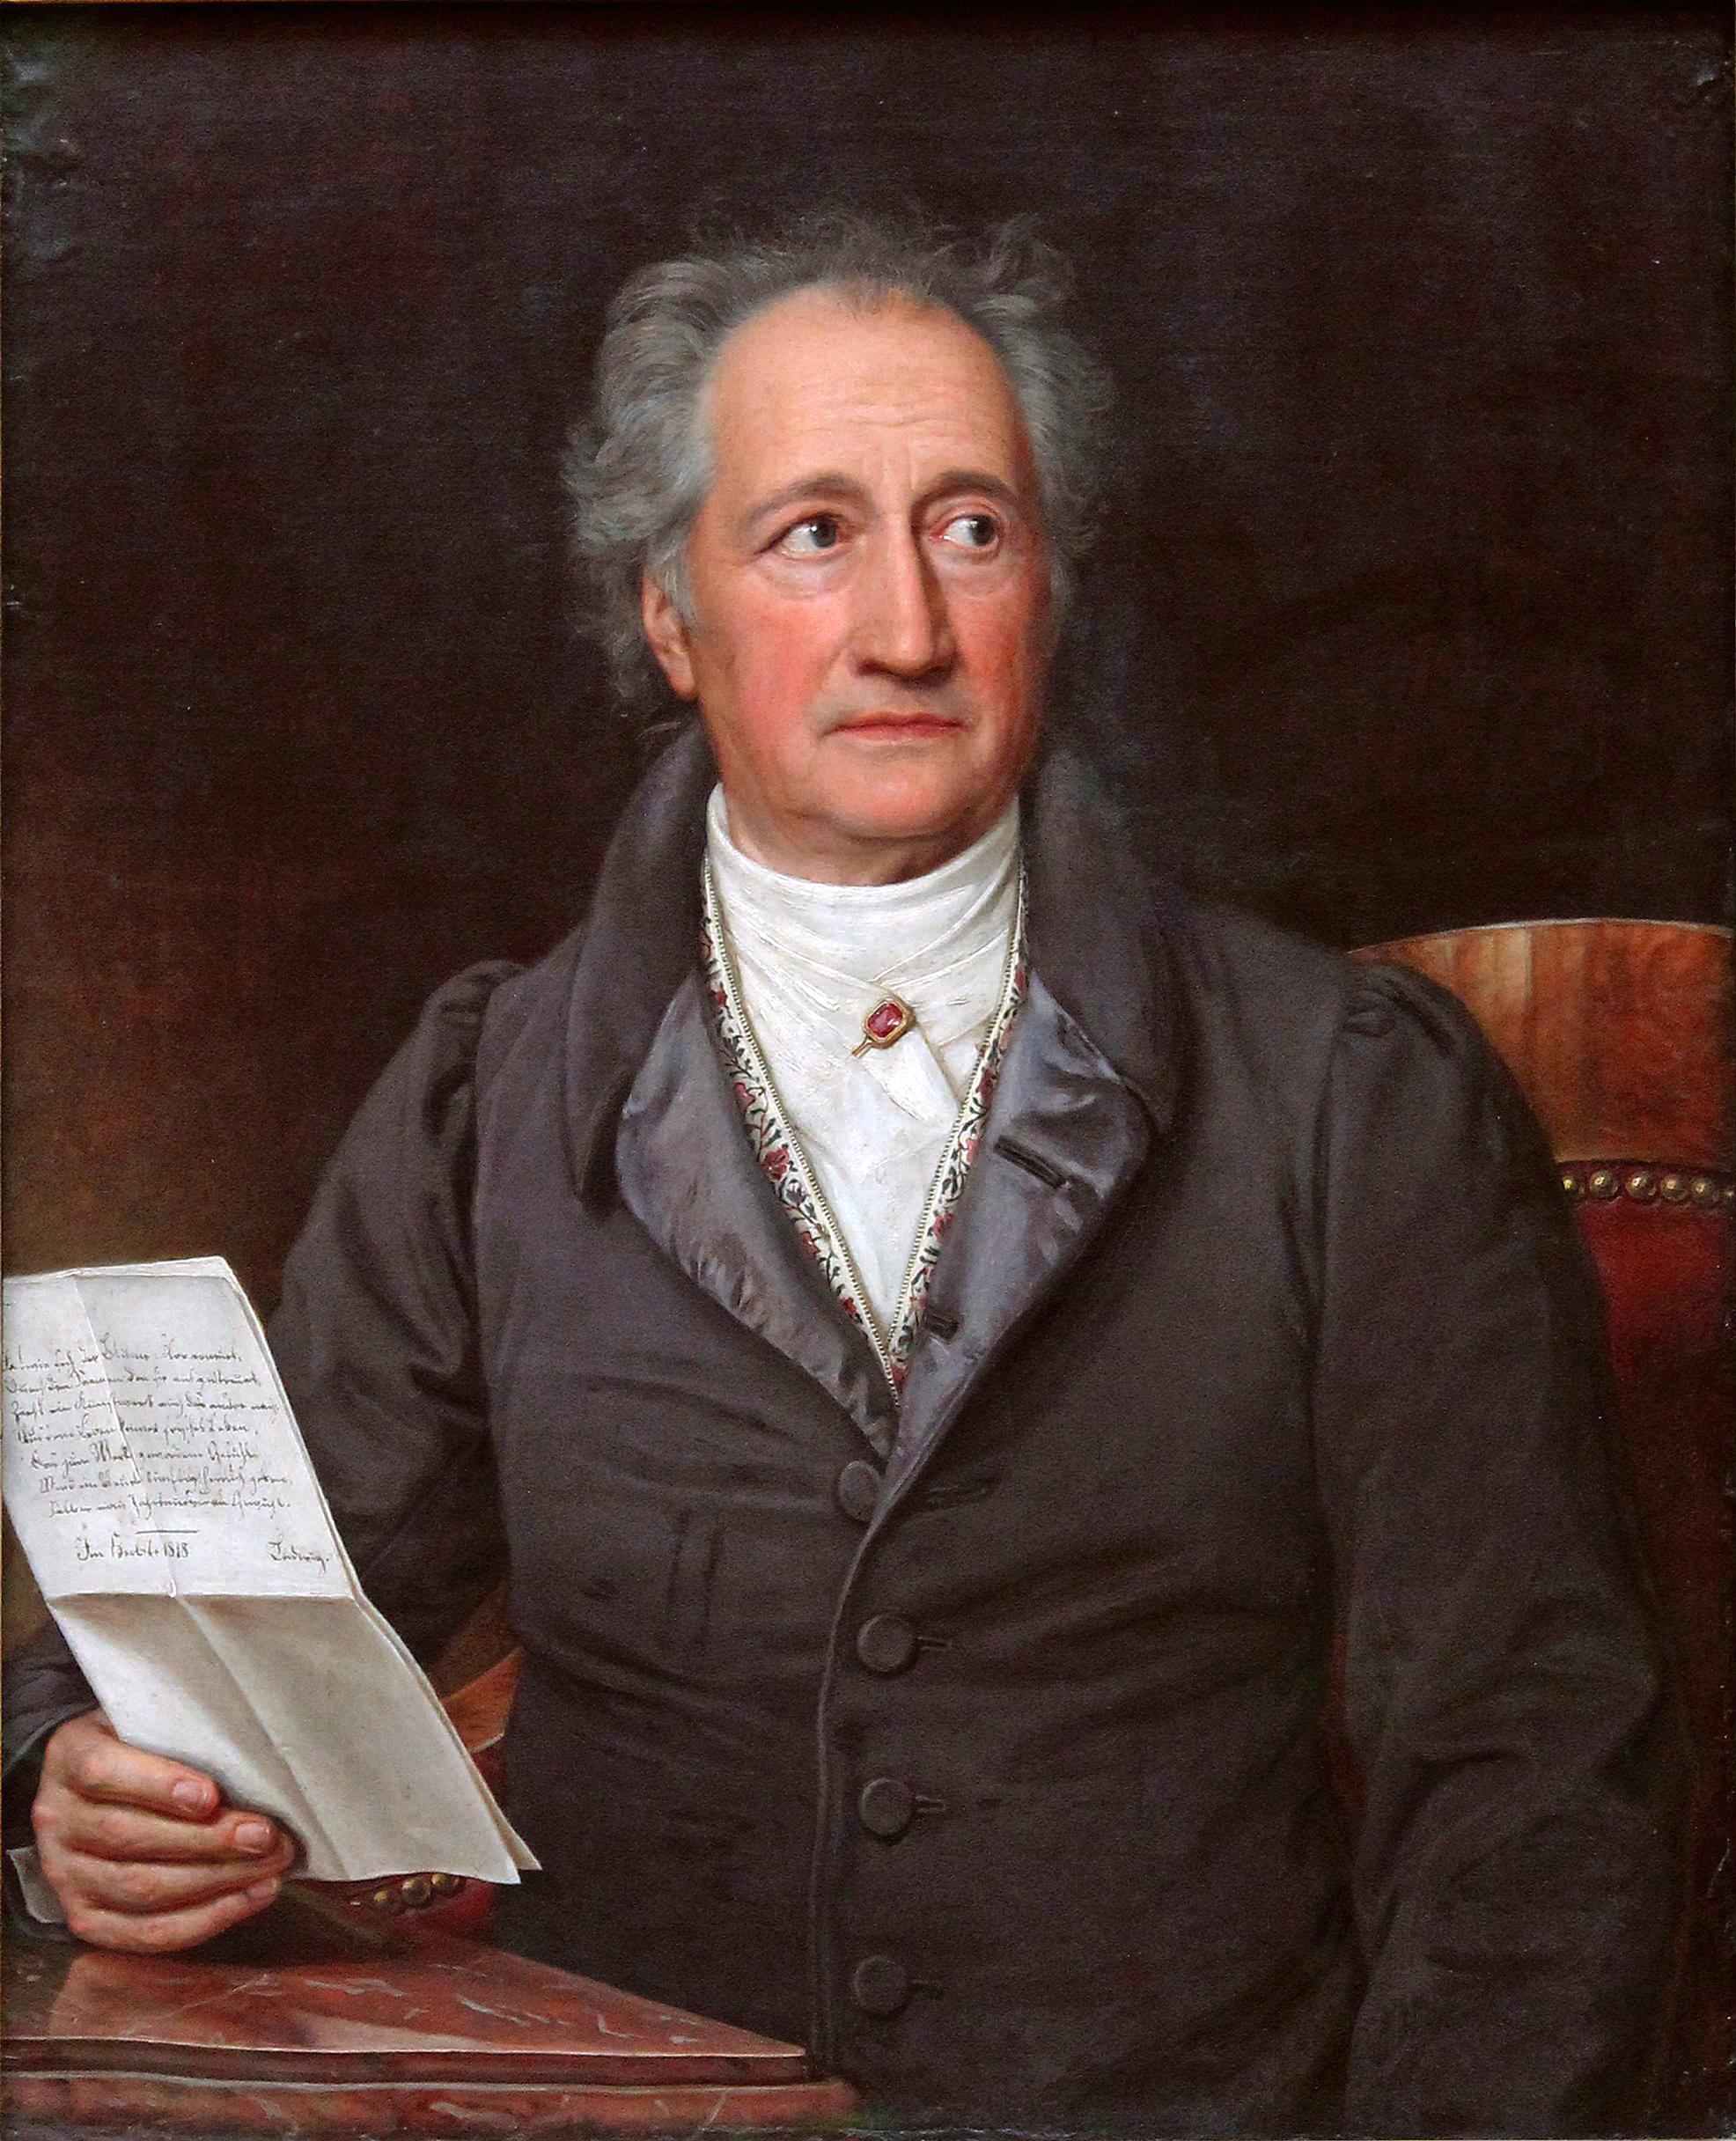 Johann Wolfgang von Goethe, porträtt målat av konstnären Joseph Karl Stieler